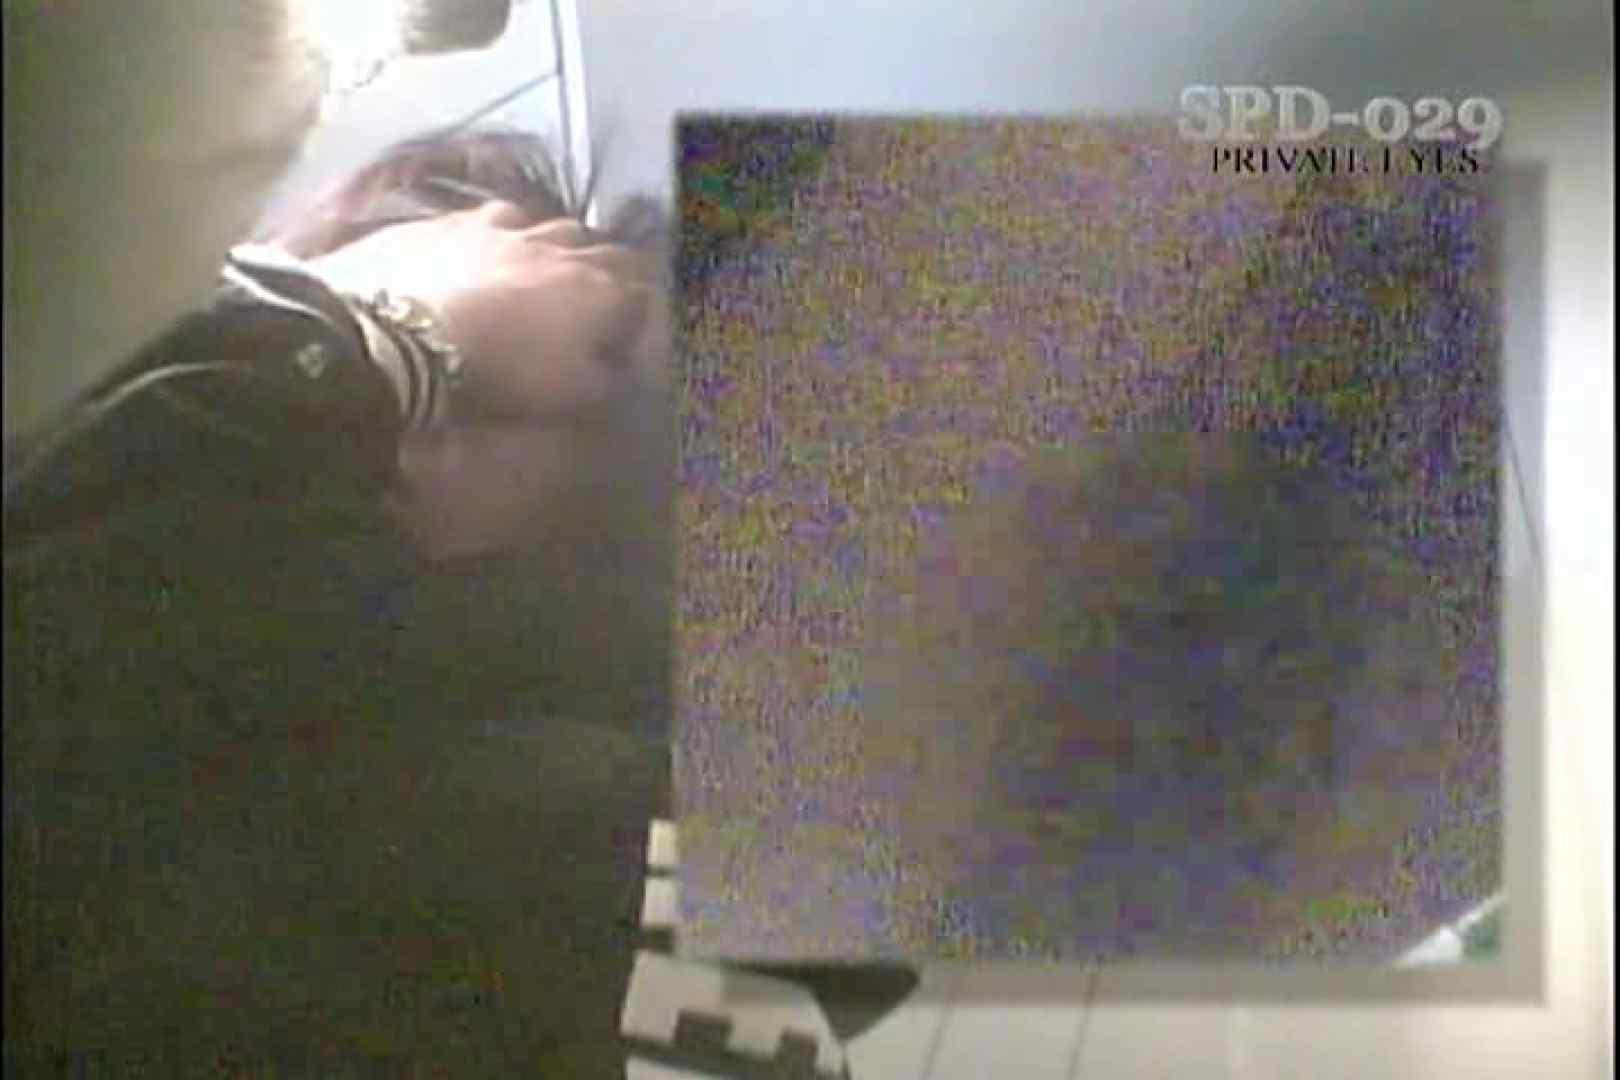 高画質版!SPD-029 和式厠 モリモリスペシャル 名作映像 オマンコ無修正動画無料 87PIX 49